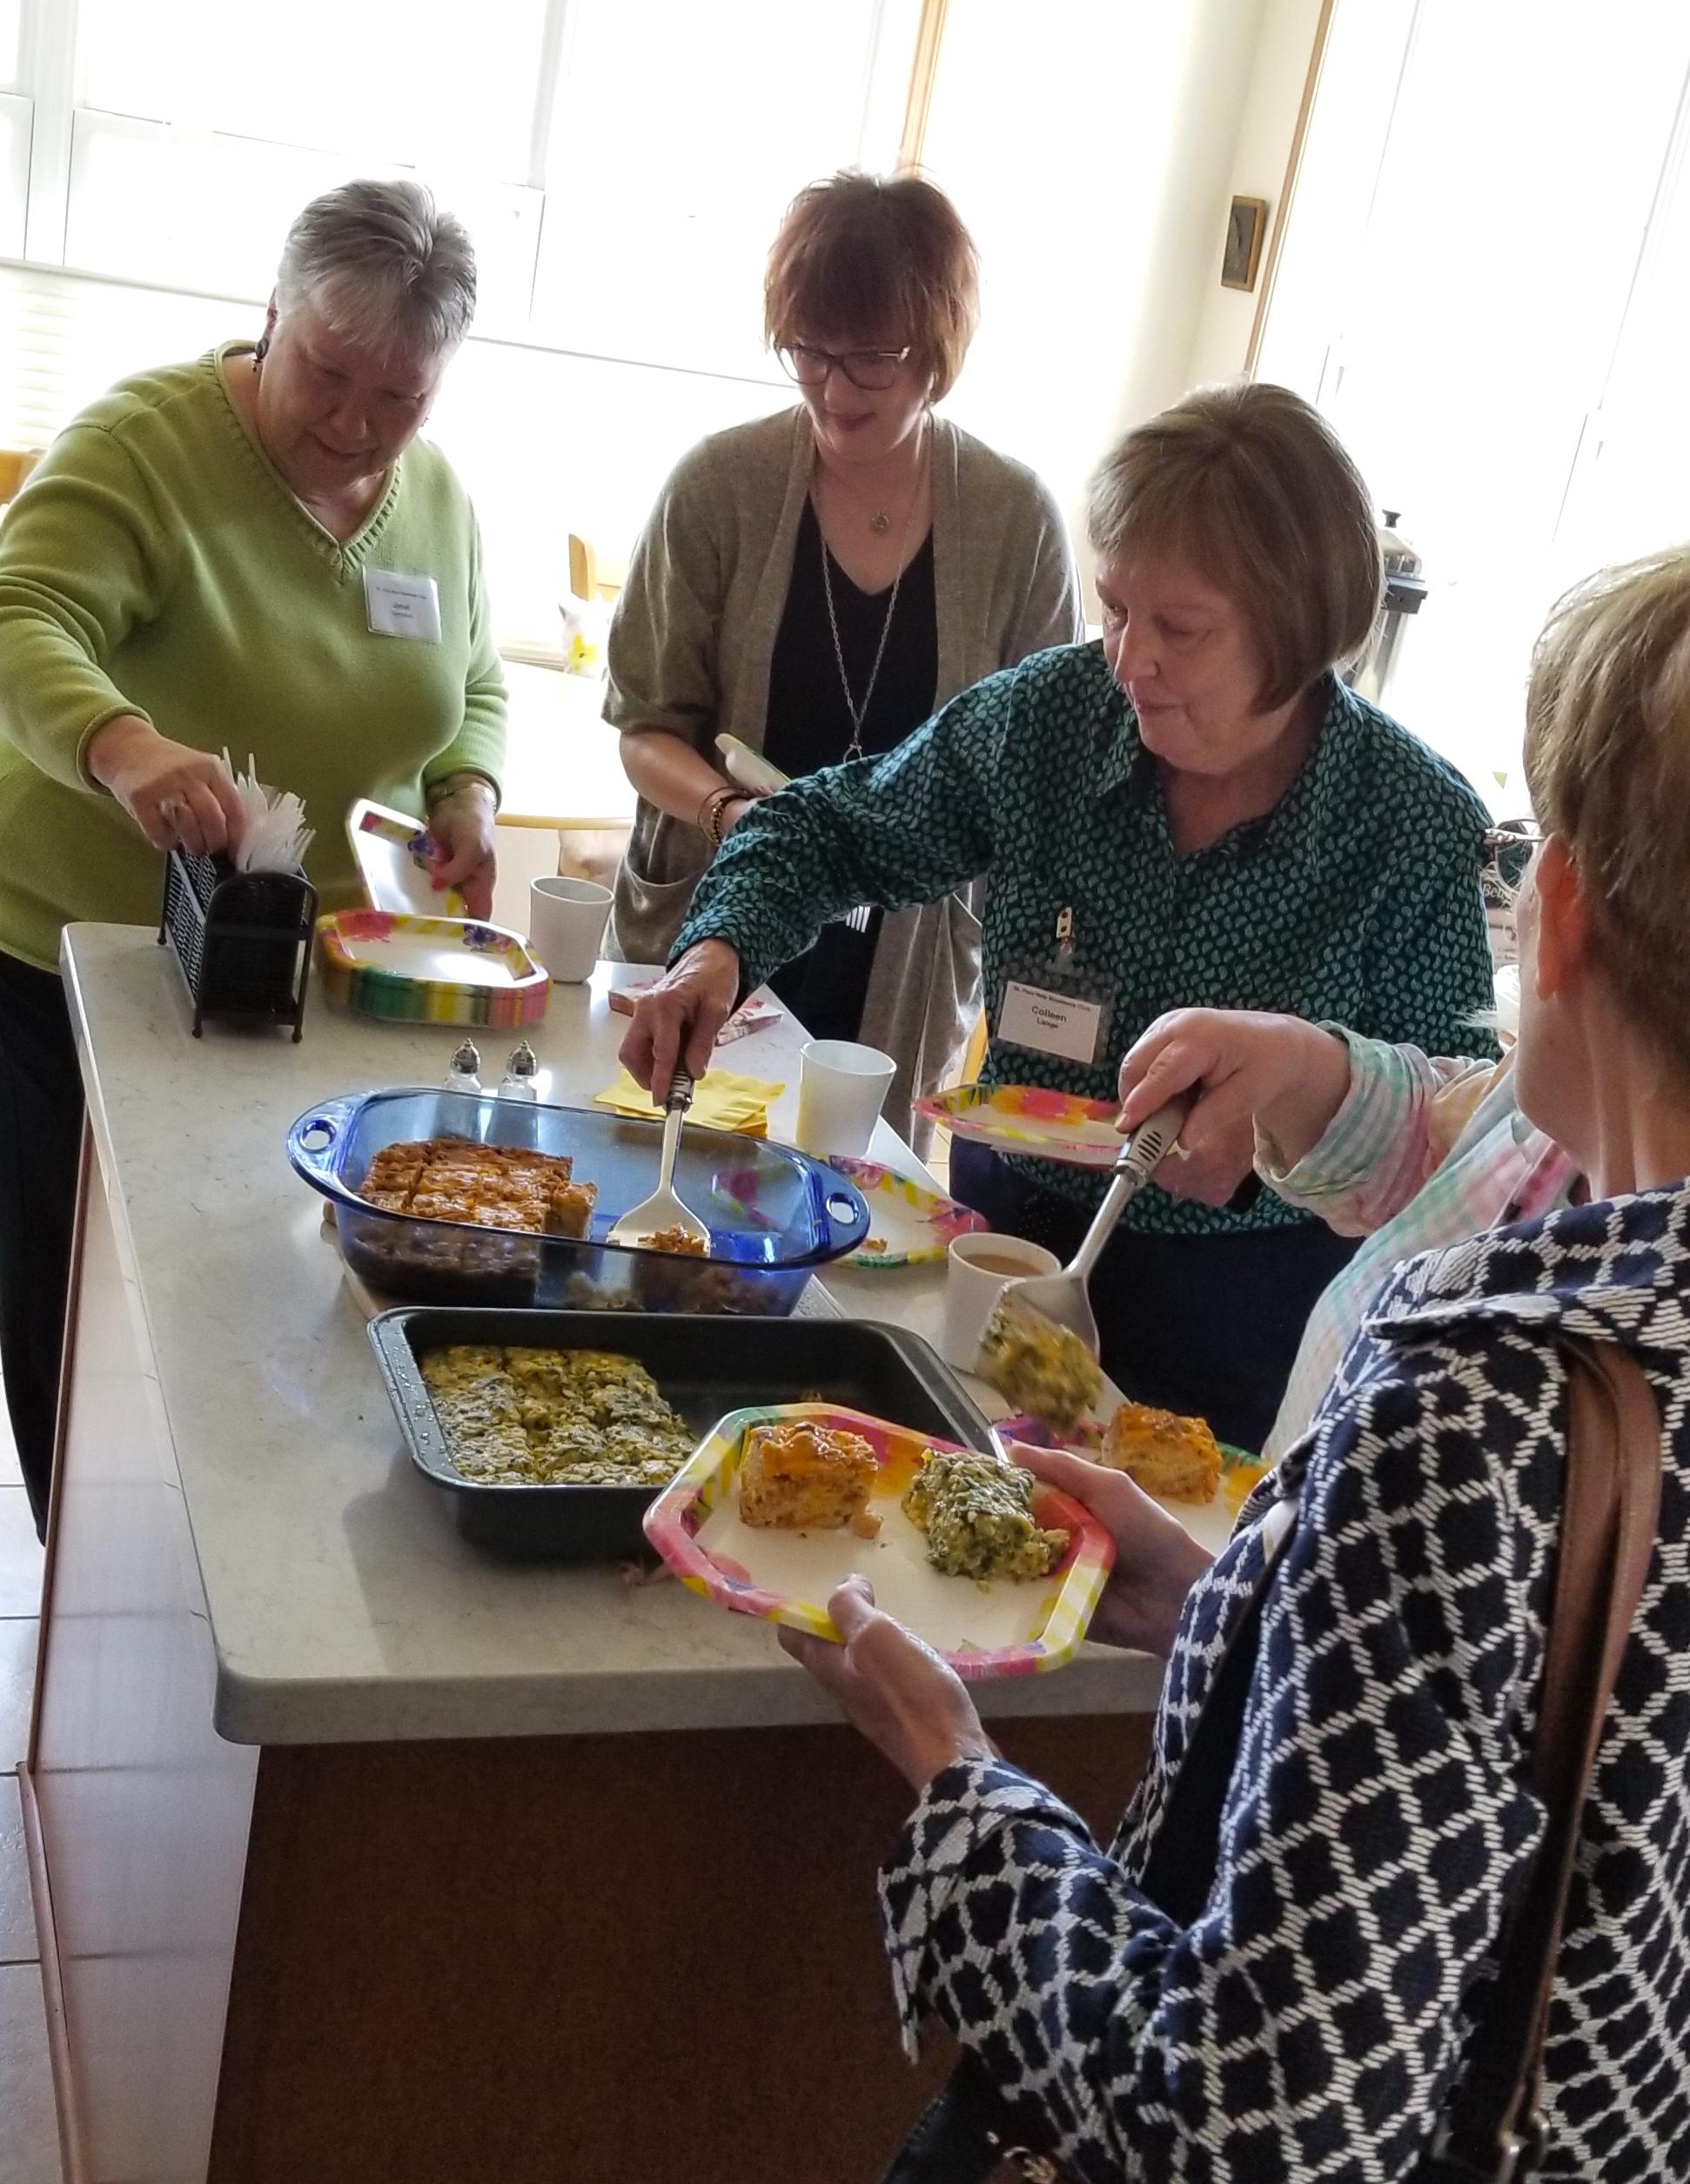 Serving Food 2019-04-24 10.16.20 copy.jpg